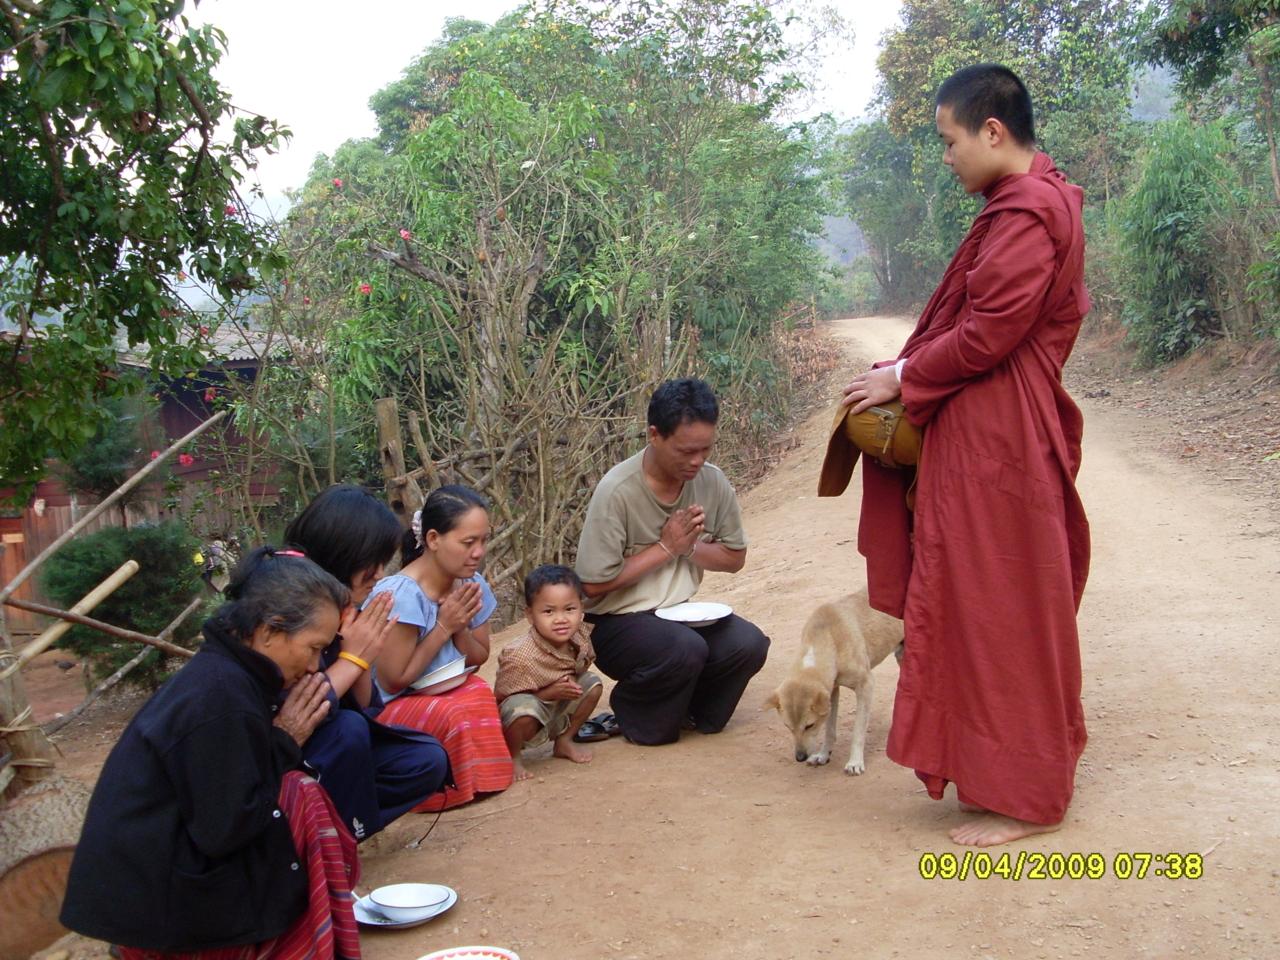 ณ หมู่บ้านห้วยปูลิง แม่ฮ่องสอน